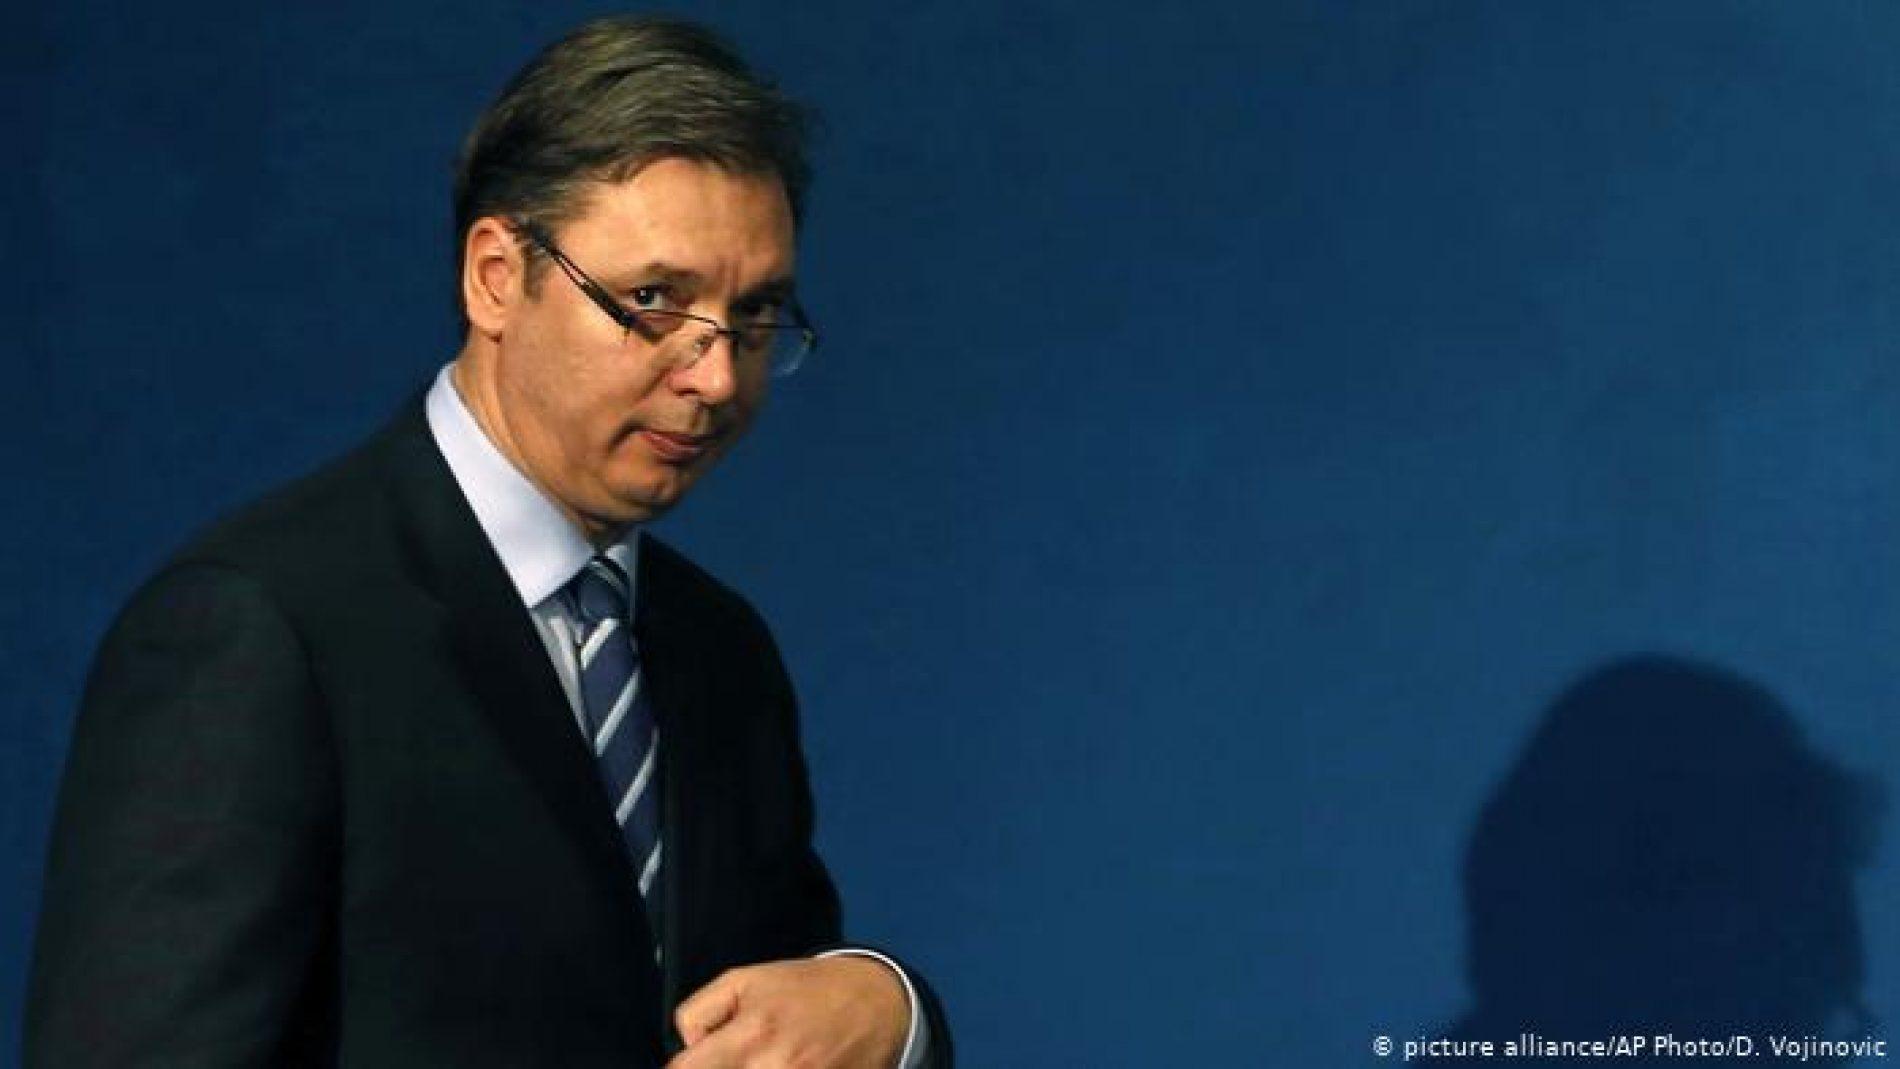 Centar upravljanja krizom u CG i Bosni i Hercegovini je A. Vučić